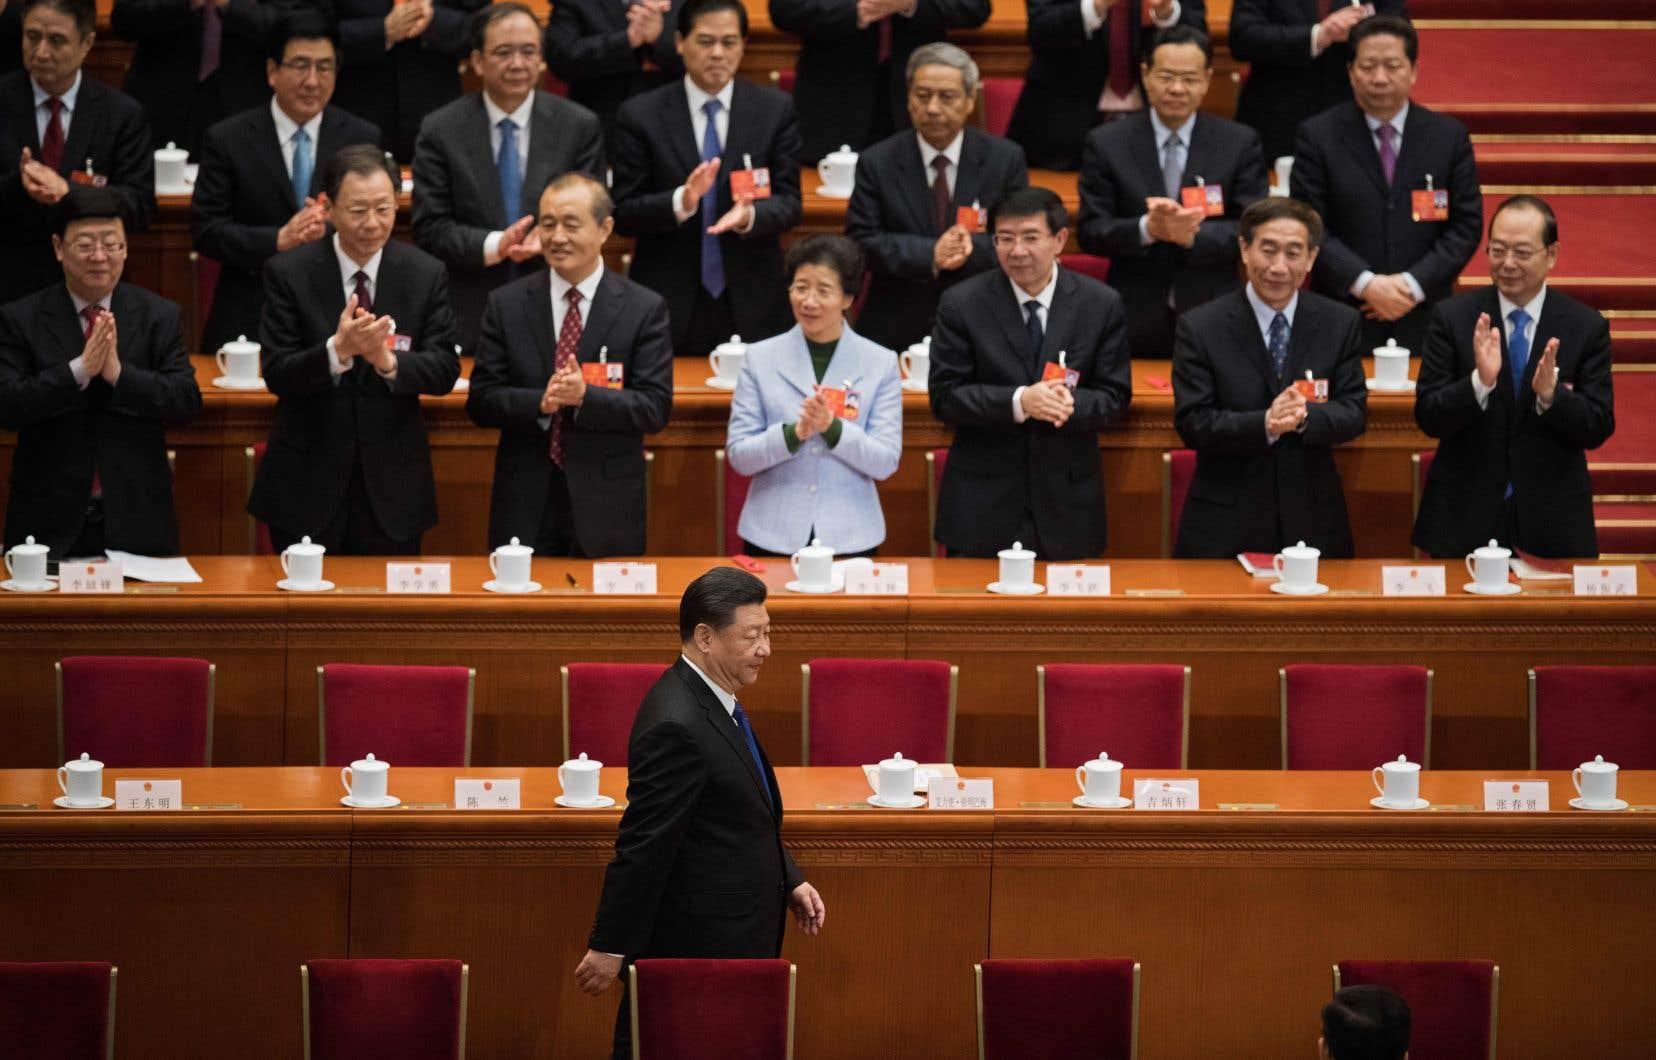 Le président chinois, Xi Jinping, a été réélu à l'unanimité par le Parlement pour un nouveau mandat de cinq ans à la tête du pays.